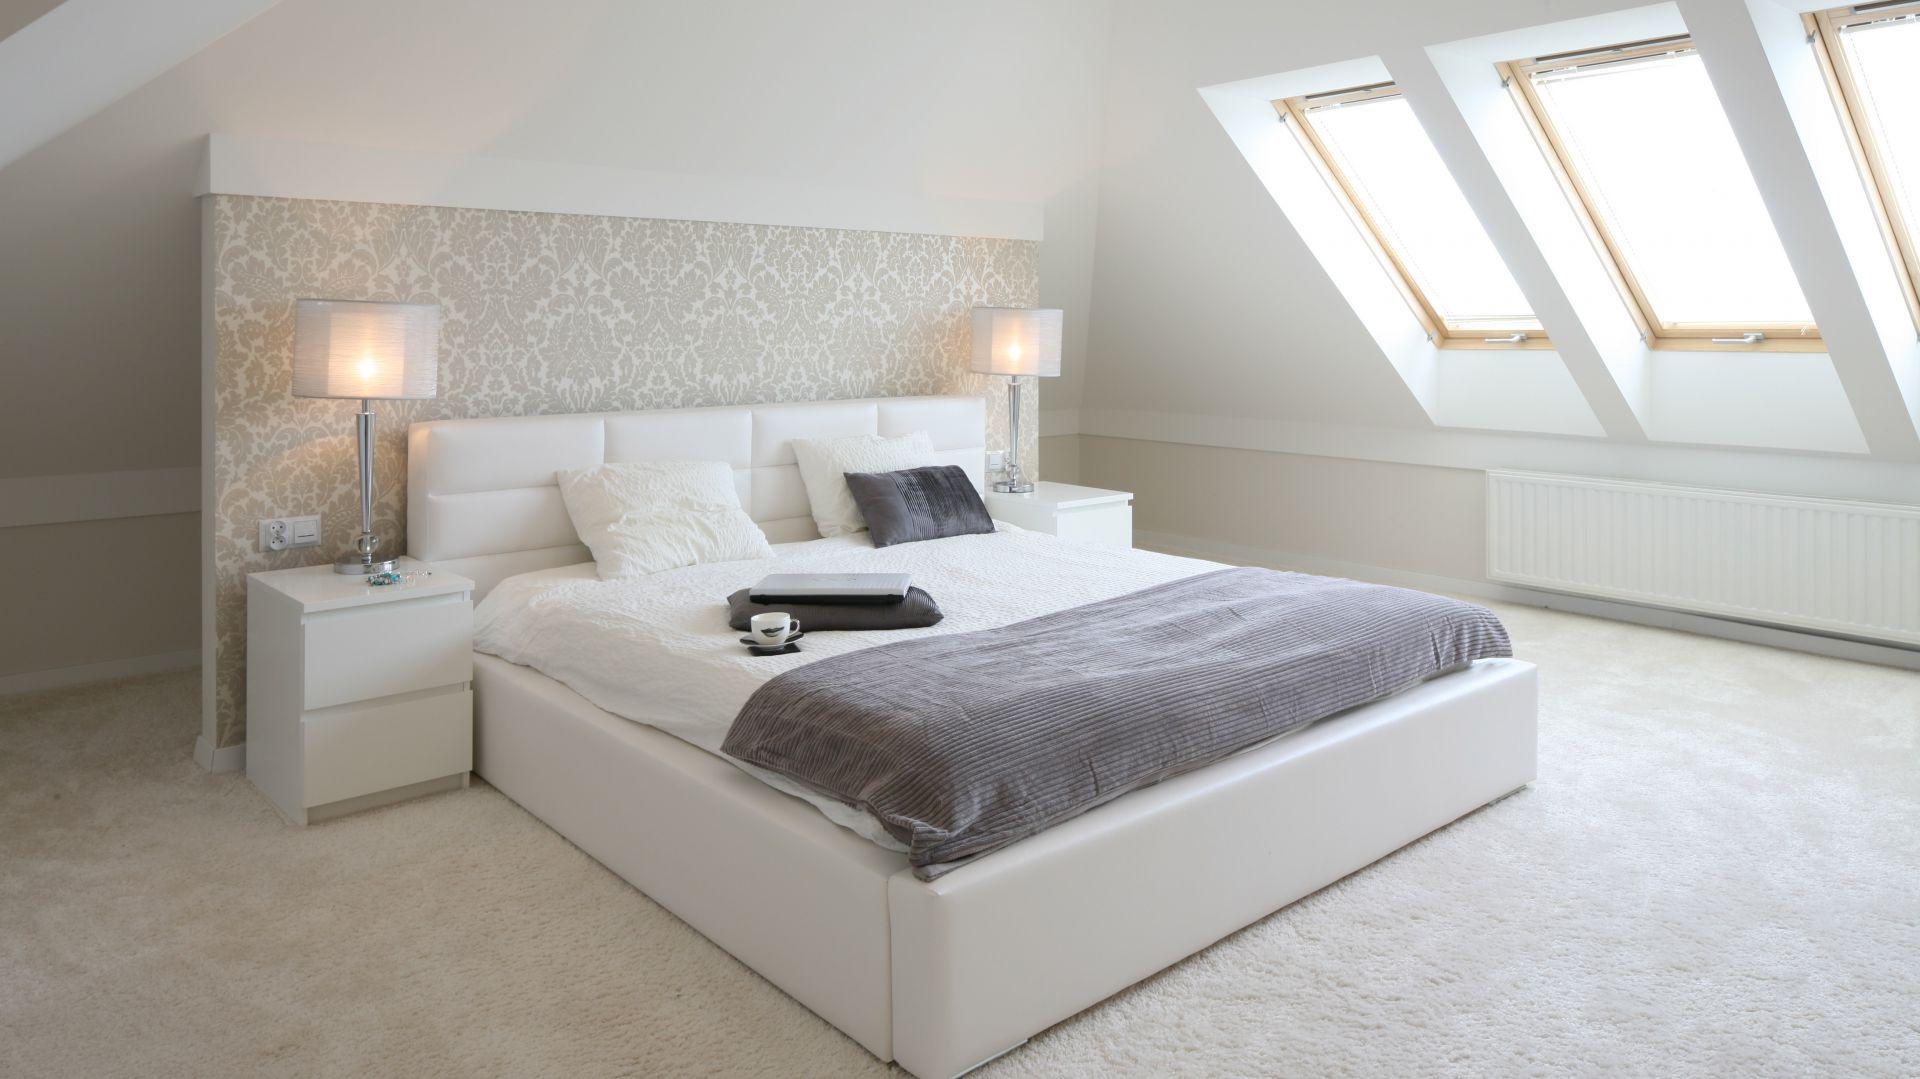 Beżowa ściana kolankowa oraz delikatna tapeta na ścianie w połączeniu z  jasnymi tkaninami tworzą przytulną sypialnię . Proj. Karolina i Artur Urban. Fot. Bartosz Jarosz.